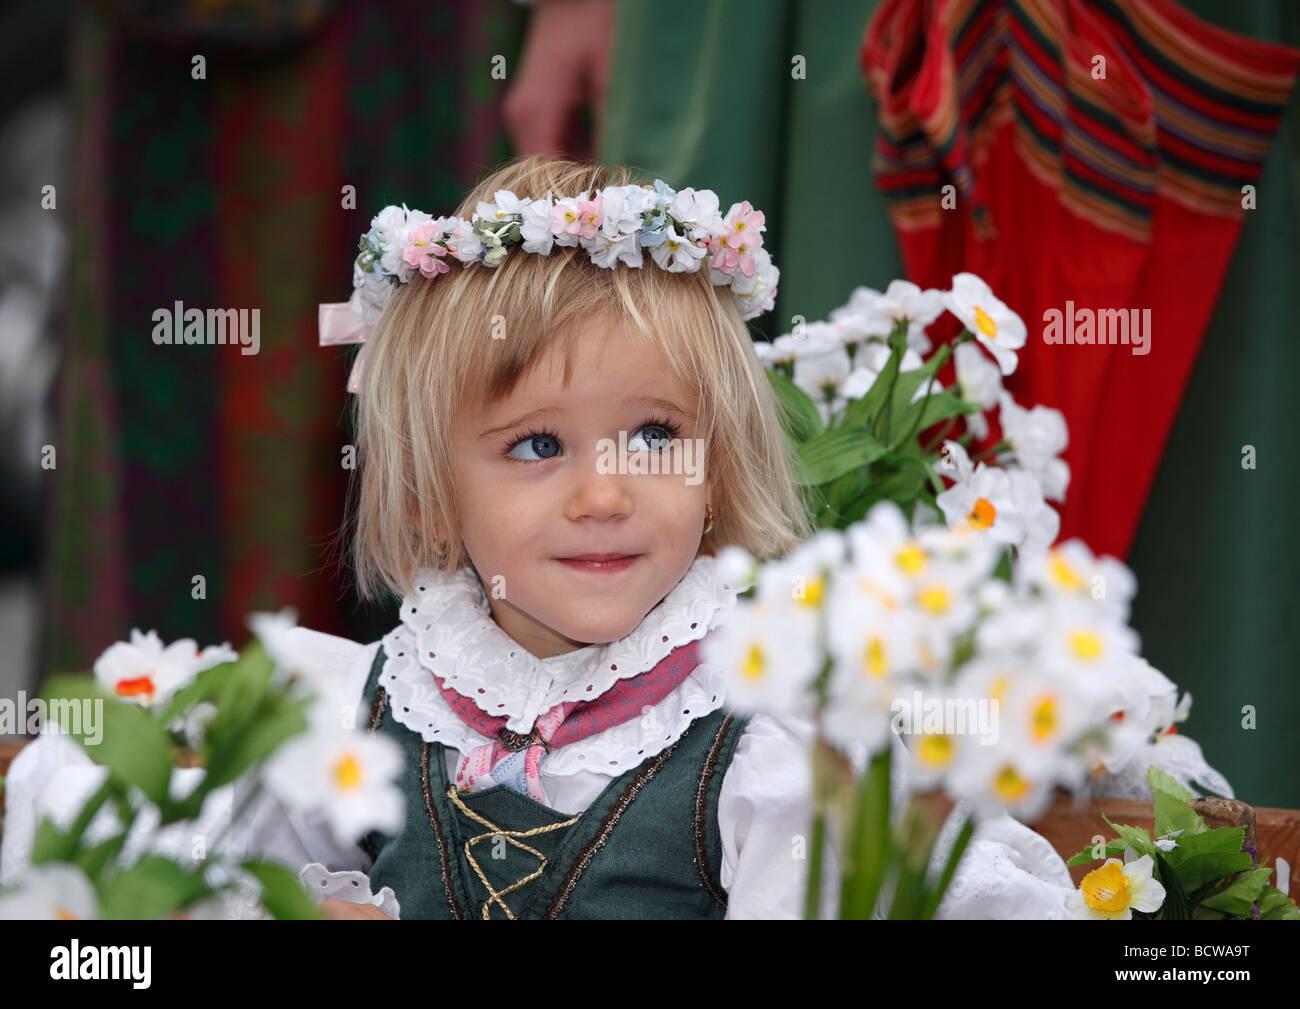 Mädchen mit Blumen Kranz, Narzissenfest Narcissus-Festival in Bad Aussee, Ausseer Land, Salzkammergut Region, Stockbild